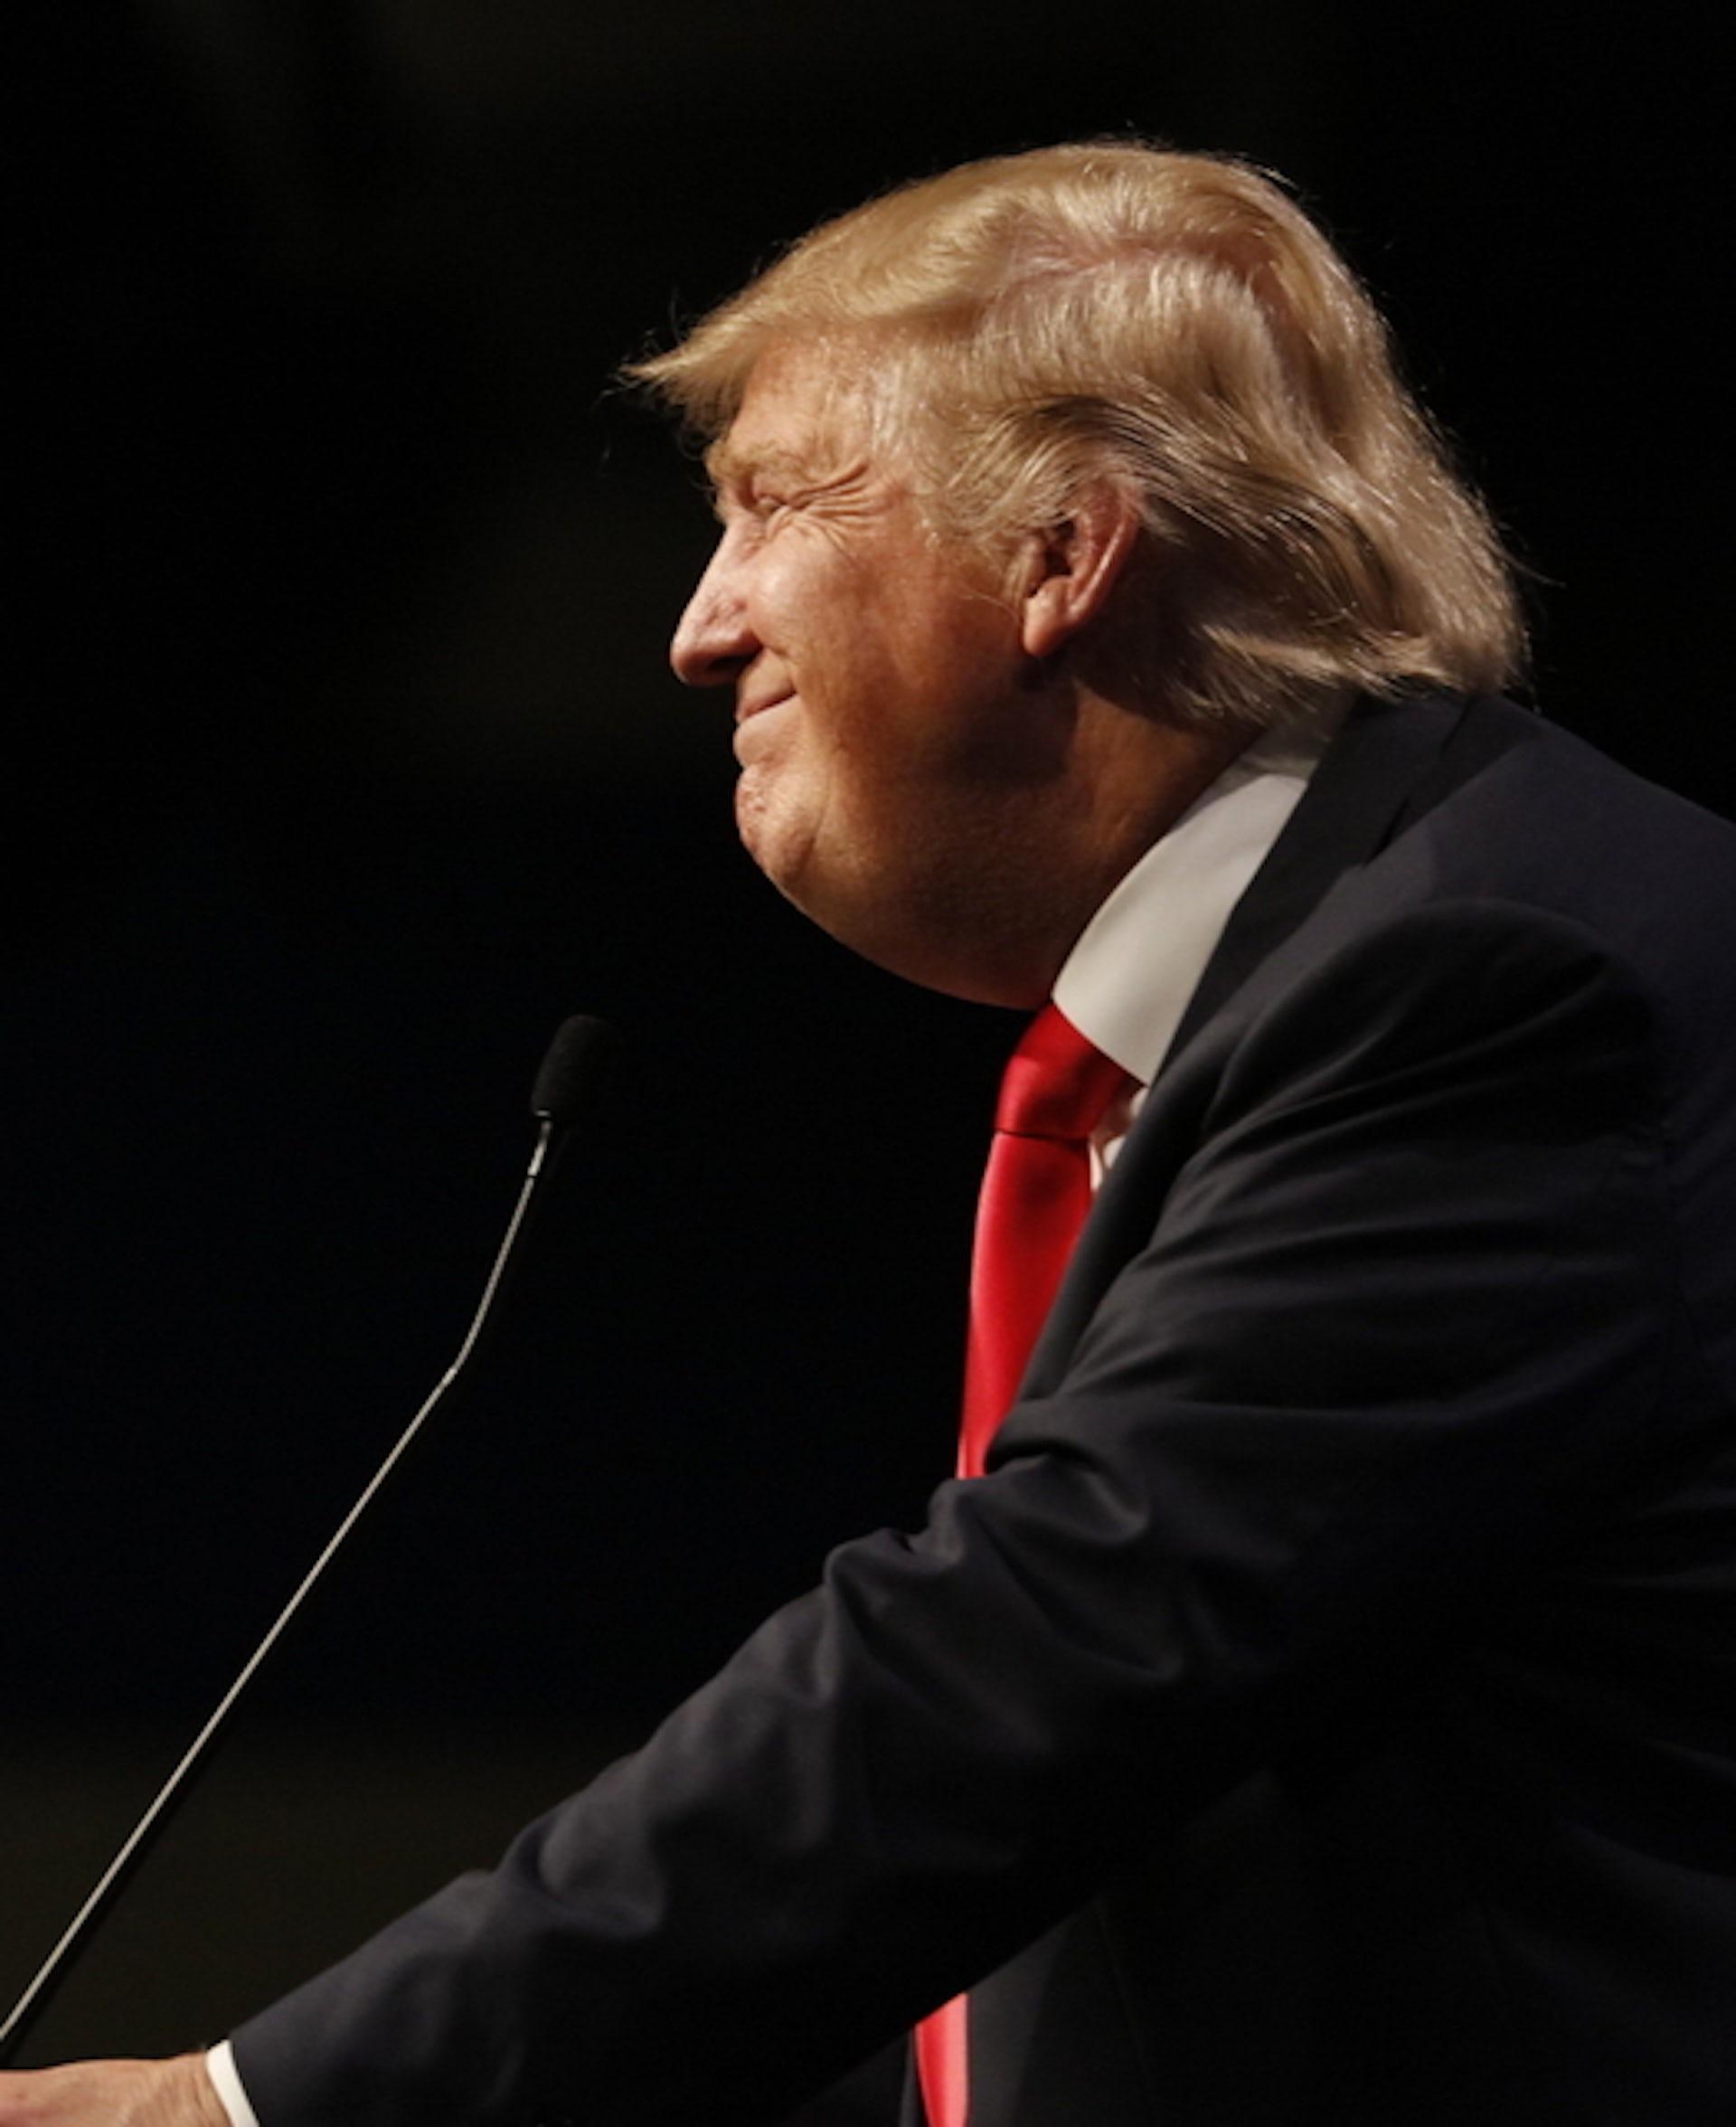 Donald Trump giving a speech.